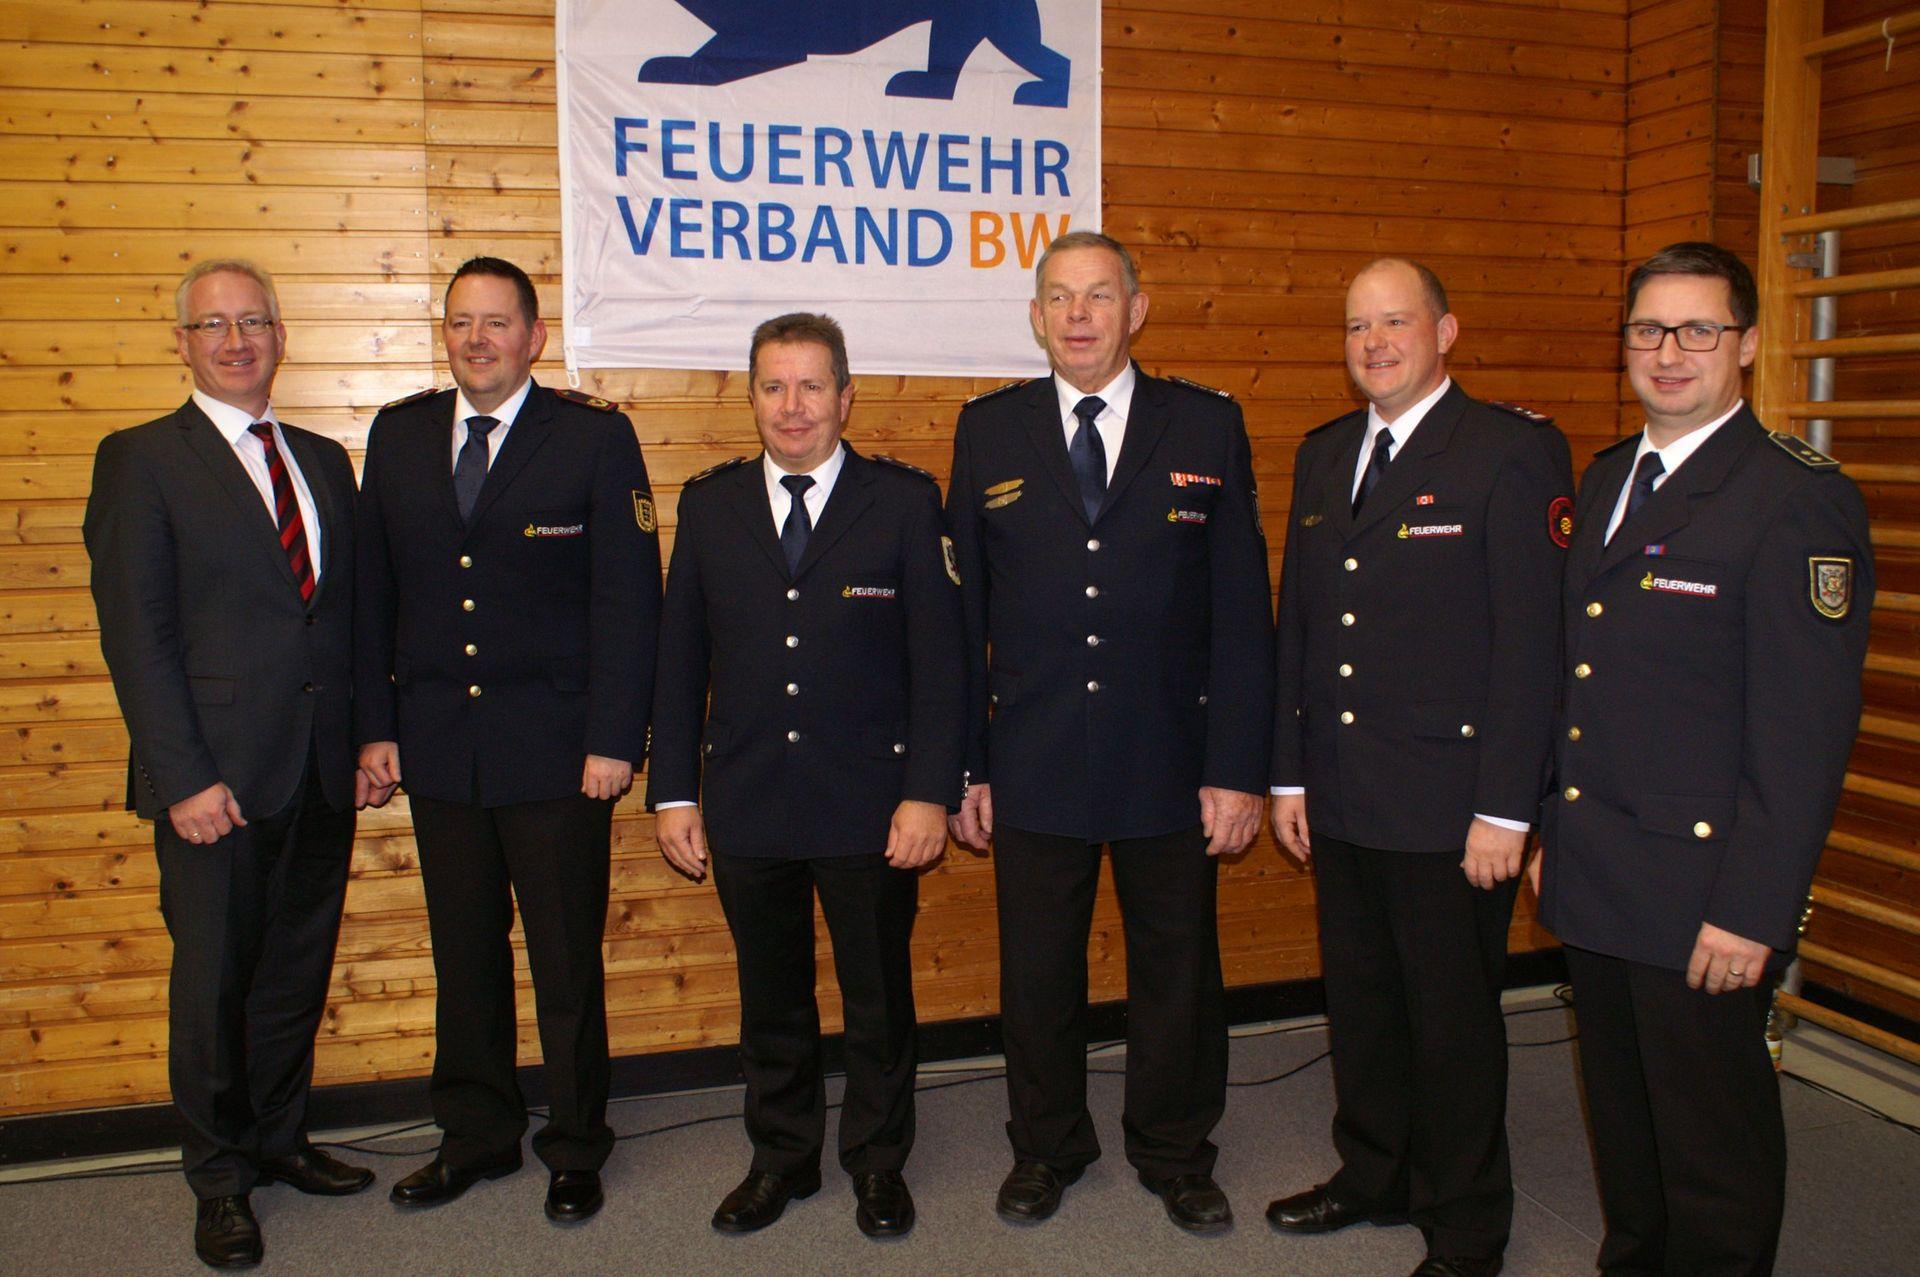 Beiträge und Berichte rund um unsere Feuerwehr -